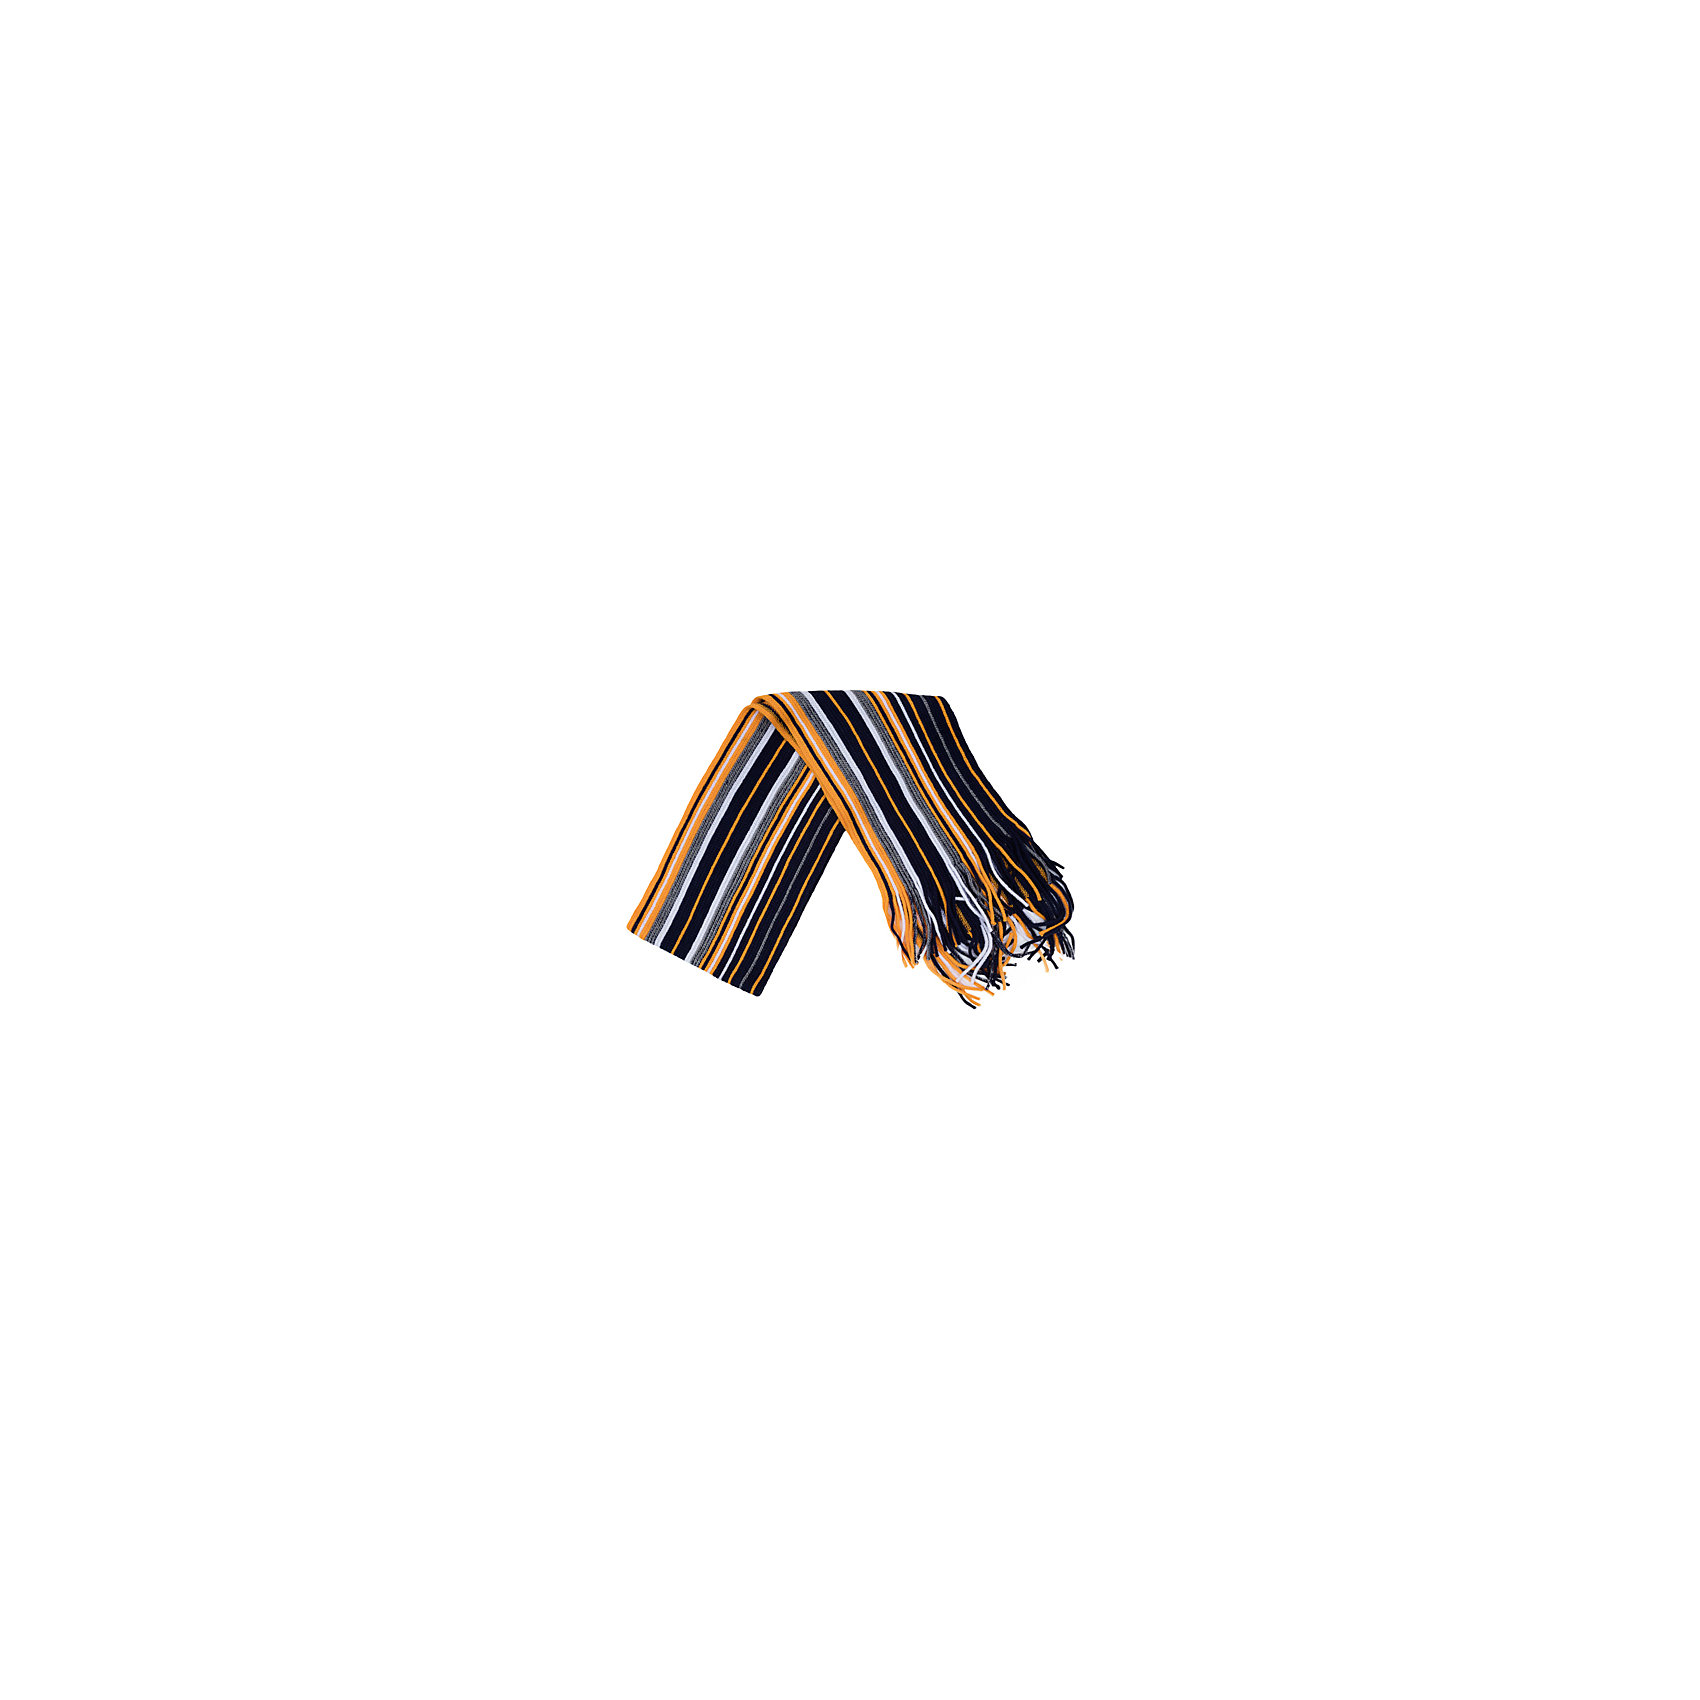 Шарф для мальчика PlayTodayШарфы, платки<br>Шарф для мальчика от известного бренда PlayToday.<br>Уютный шарф из вязаного трикотажа в цветную полоску. Надежно защитит от ветра и дополнит стильный образ.<br>Состав:<br>100% акрил<br><br>Ширина мм: 88<br>Глубина мм: 155<br>Высота мм: 26<br>Вес г: 106<br>Цвет: разноцветный<br>Возраст от месяцев: 36<br>Возраст до месяцев: 96<br>Пол: Мужской<br>Возраст: Детский<br>Размер: one size<br>SKU: 4896884